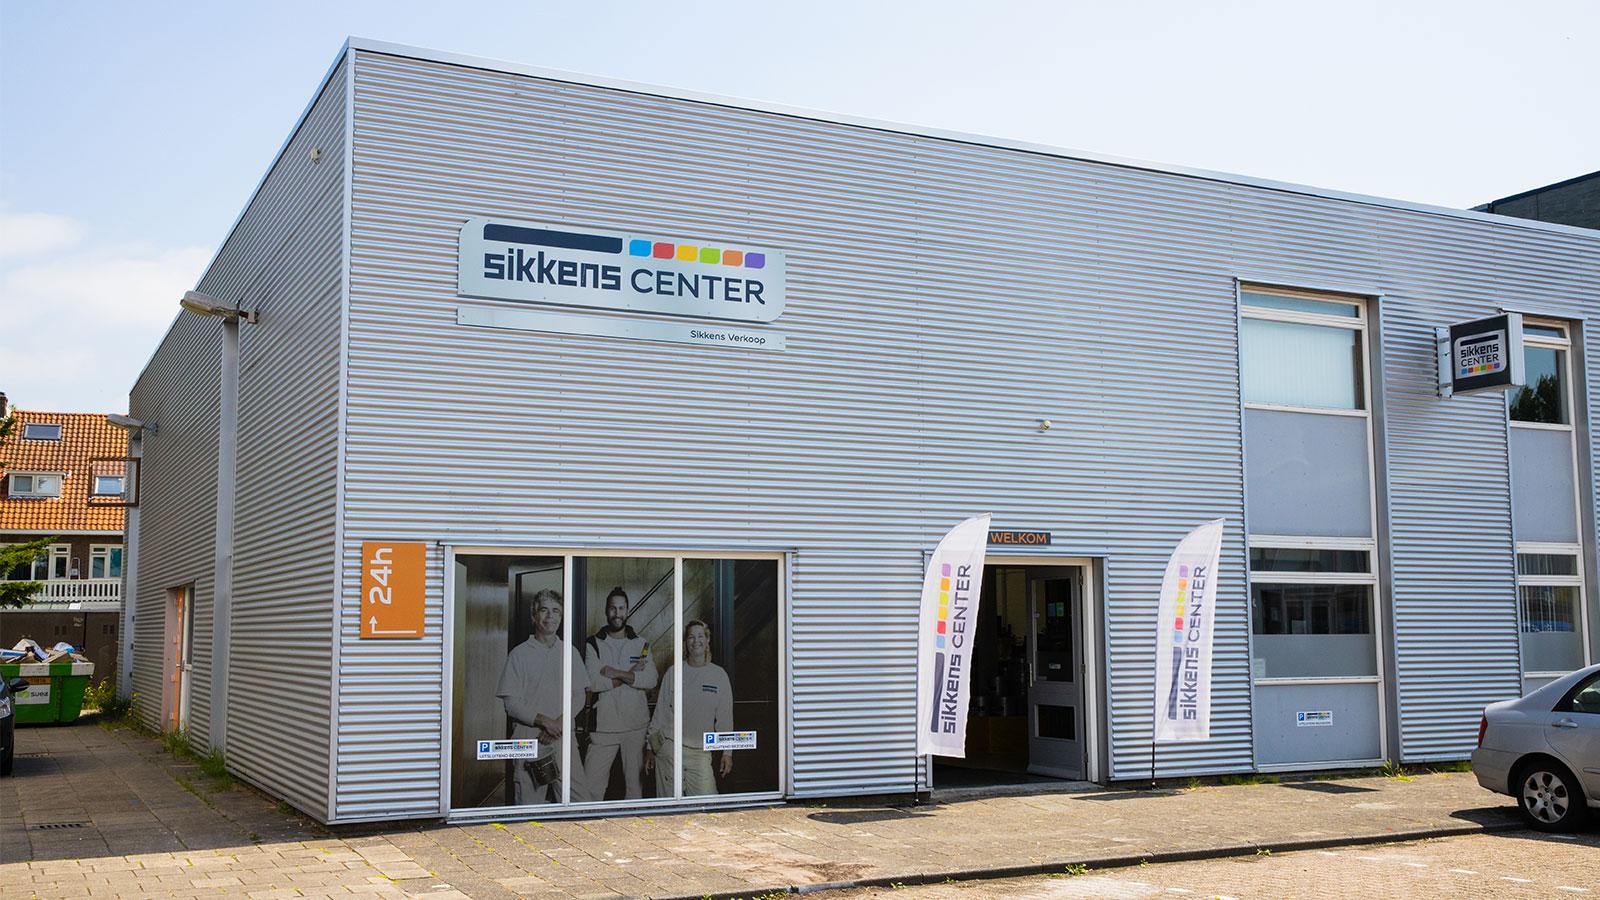 uploads/images/3d97fea1-97bc-4c1b-857d-824a05651f10/Stores/Sikkens-Center-Haarlem.jpg